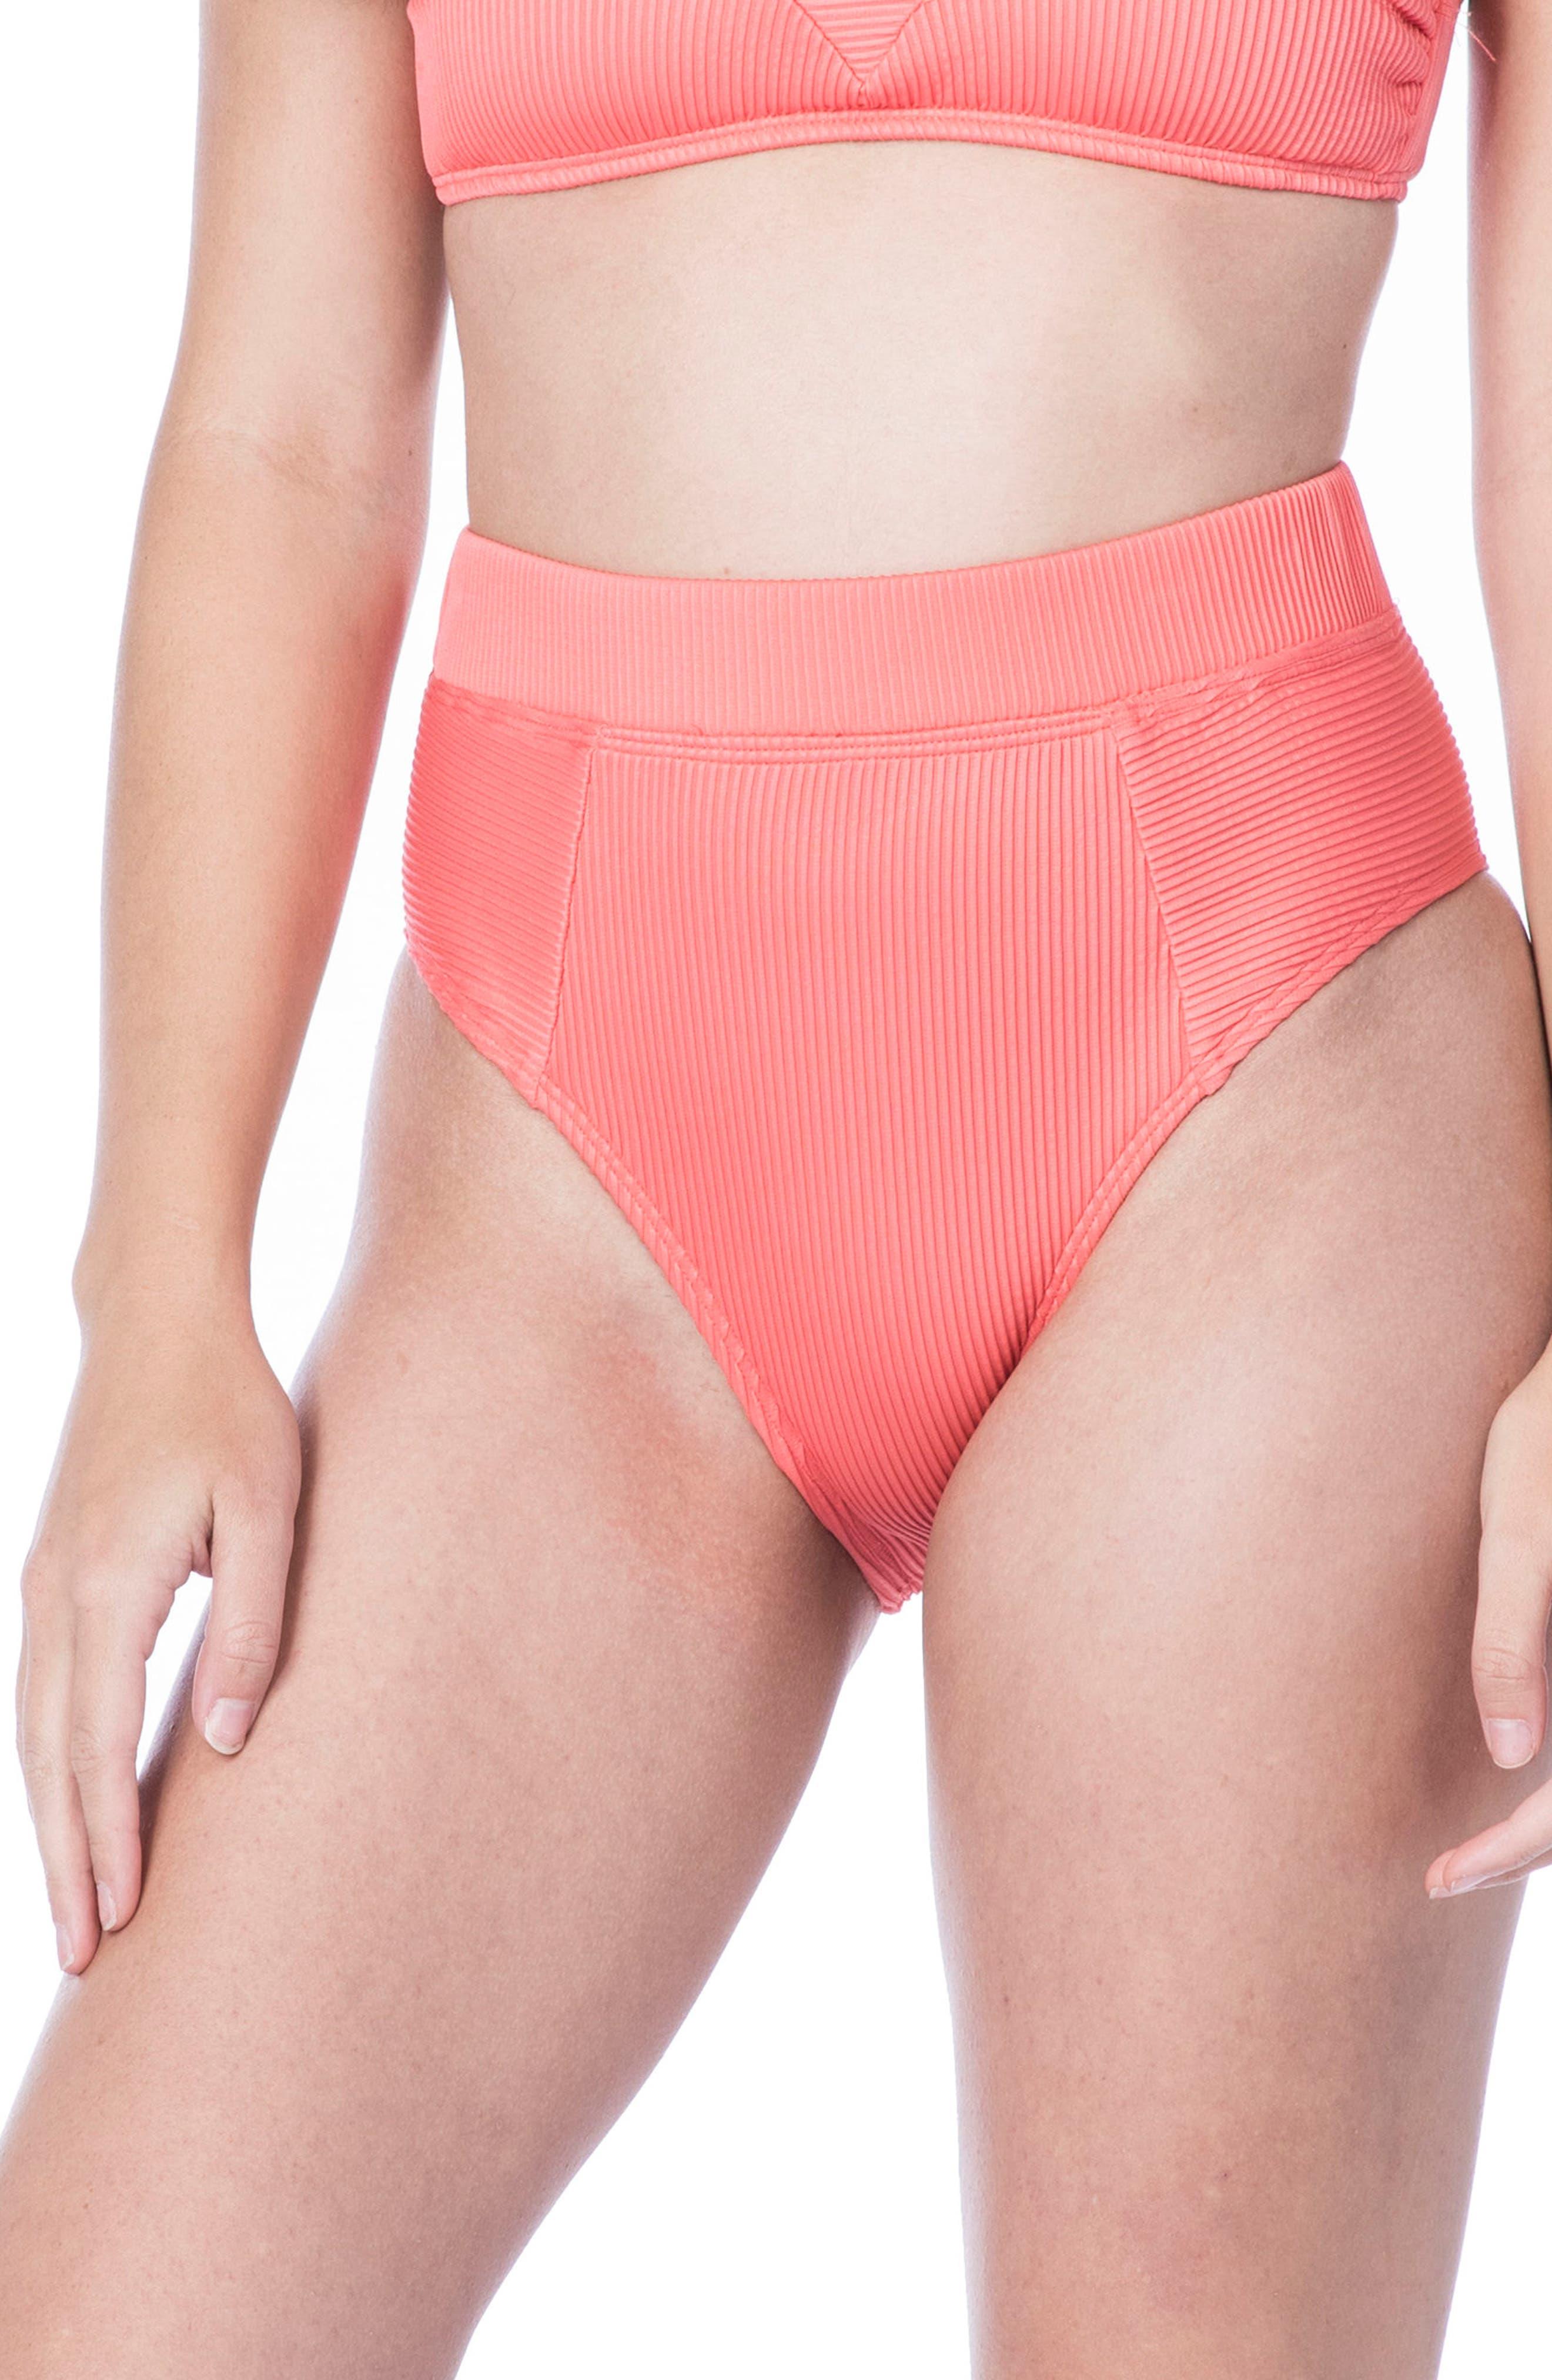 Rib-Thym High-Waist Bikini Bottoms,                         Main,                         color, 950